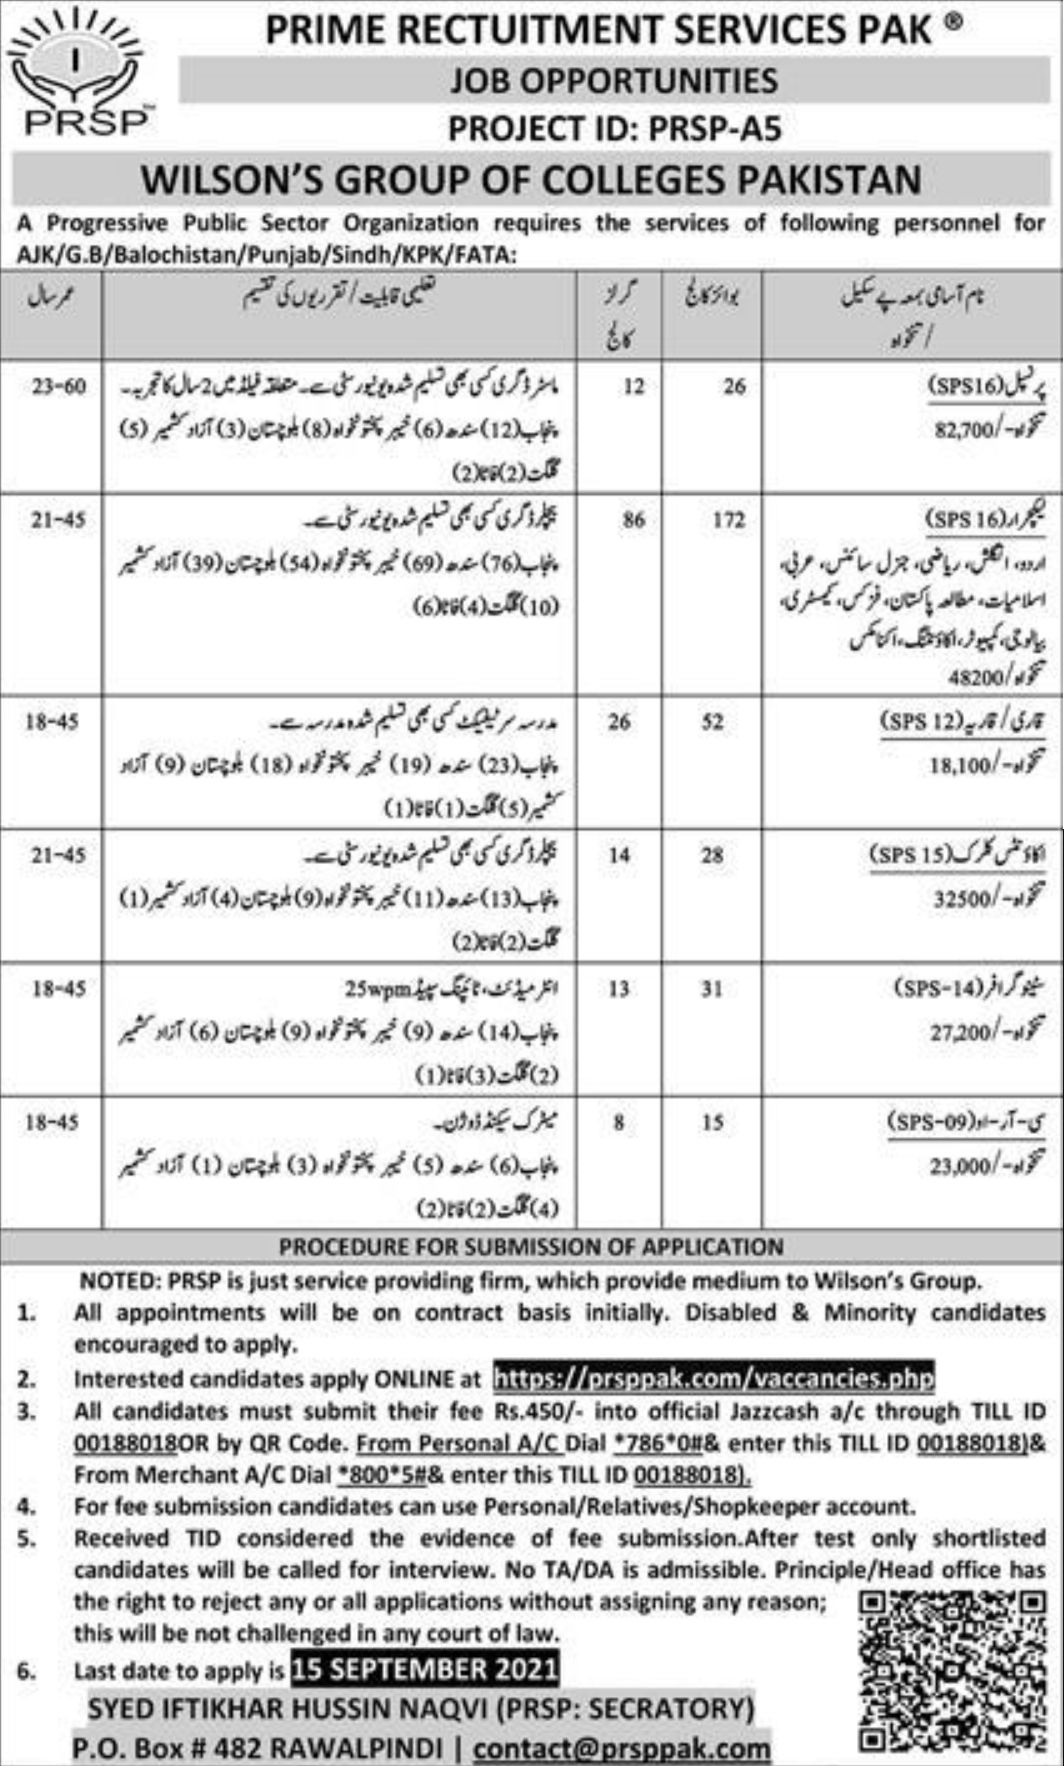 Prime Rectuitment Services Pak Vacancies 2021 1